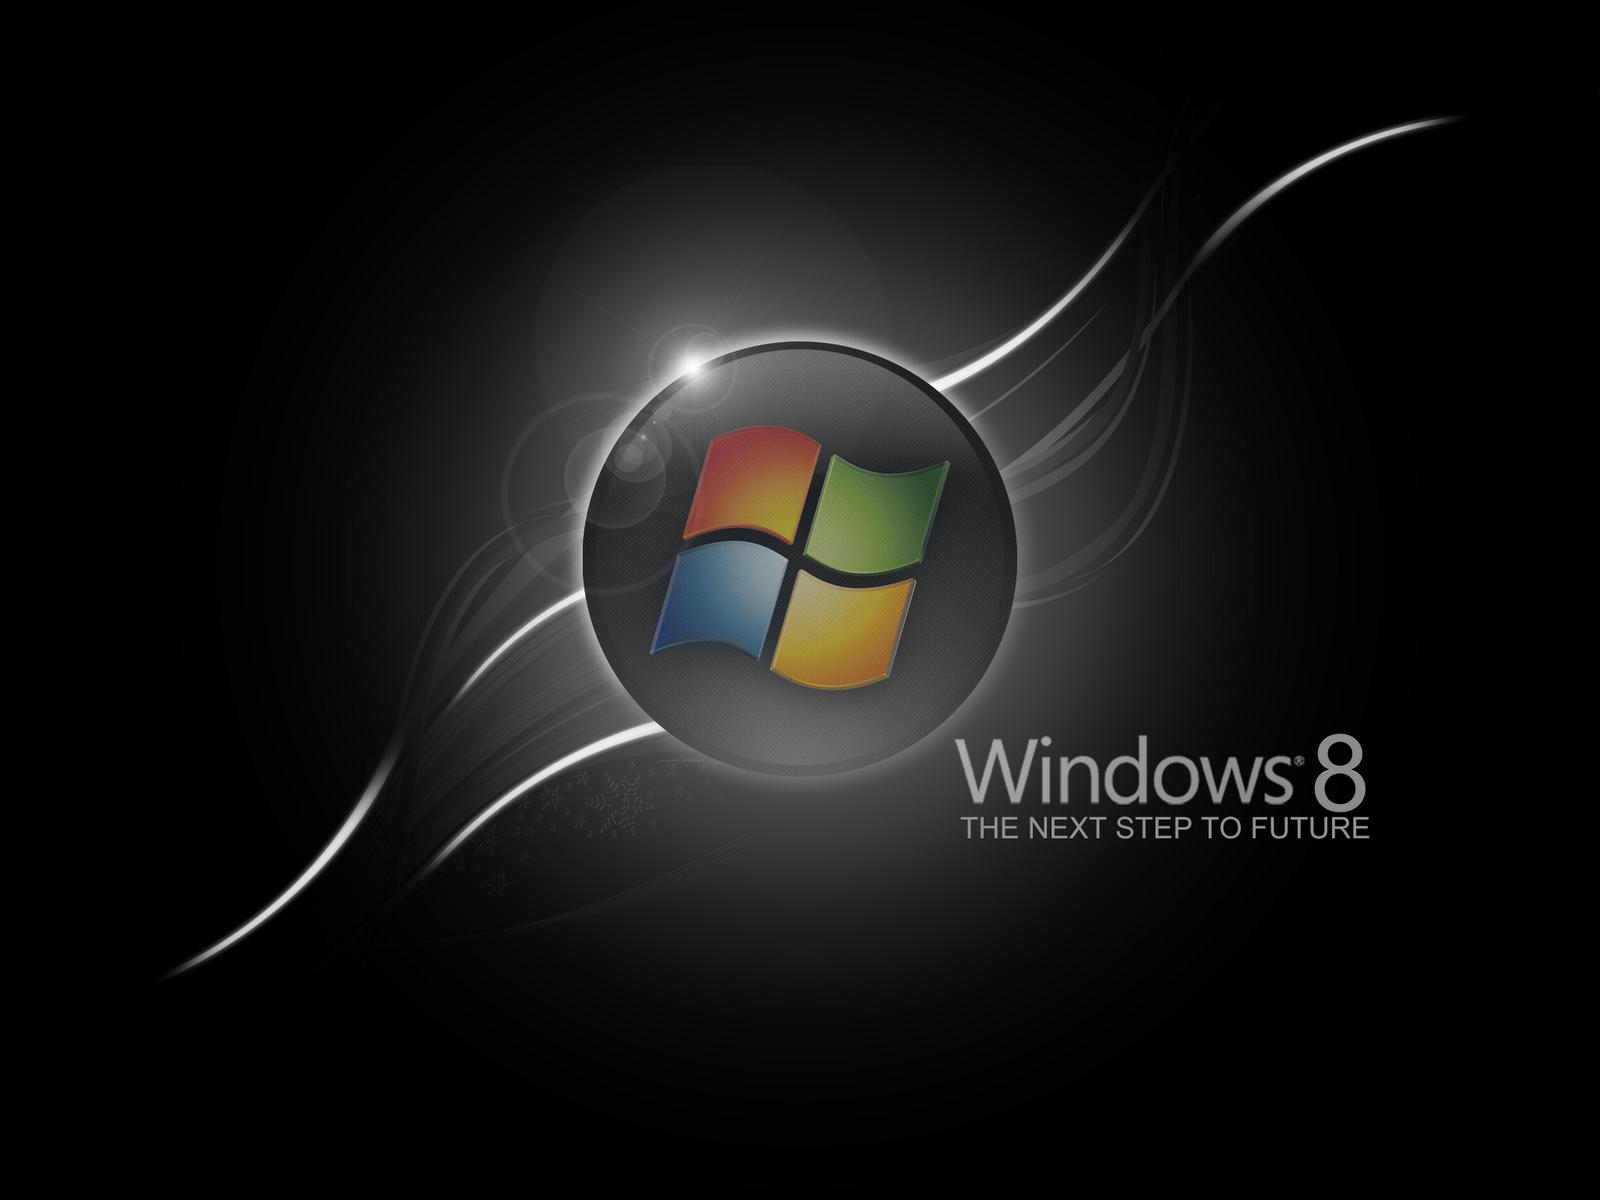 hd wallpaper windows 8 hd wallpaper windows 8 hd wallpaper windows 8 1600x1200